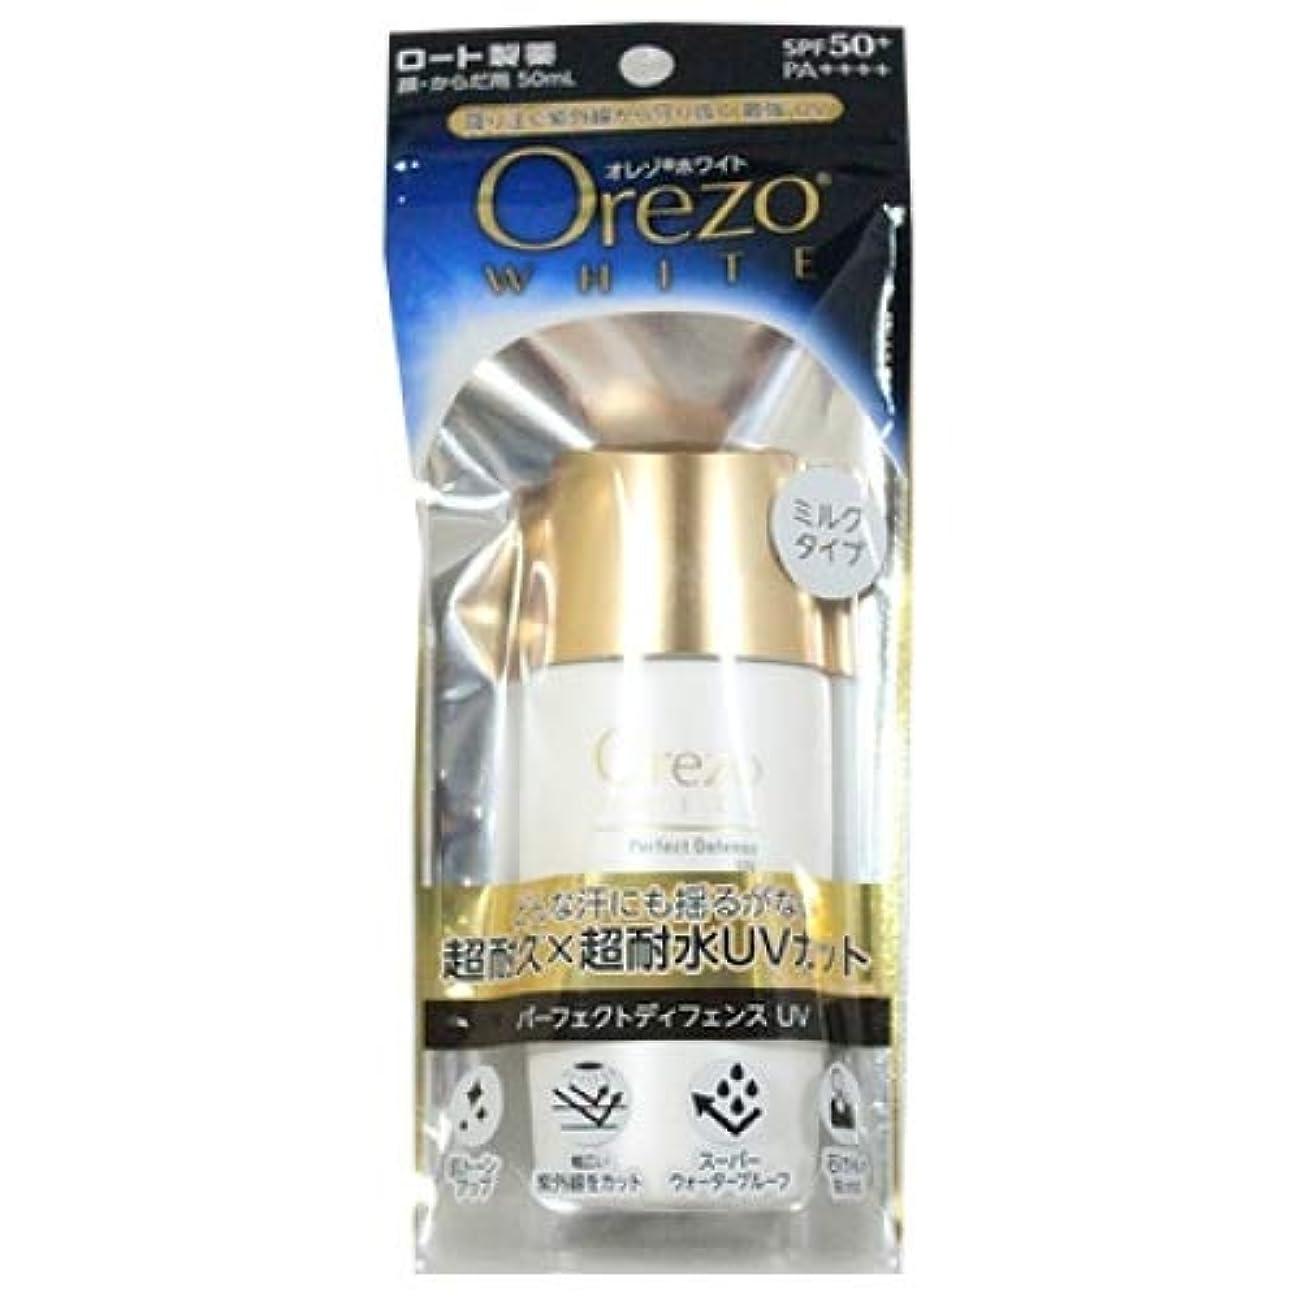 ドライブ寝る花瓶ロート製薬 Orezo オレゾ ホワイト パーフェクトディフェンスUVa SPF50+ PA++++ (50mL)